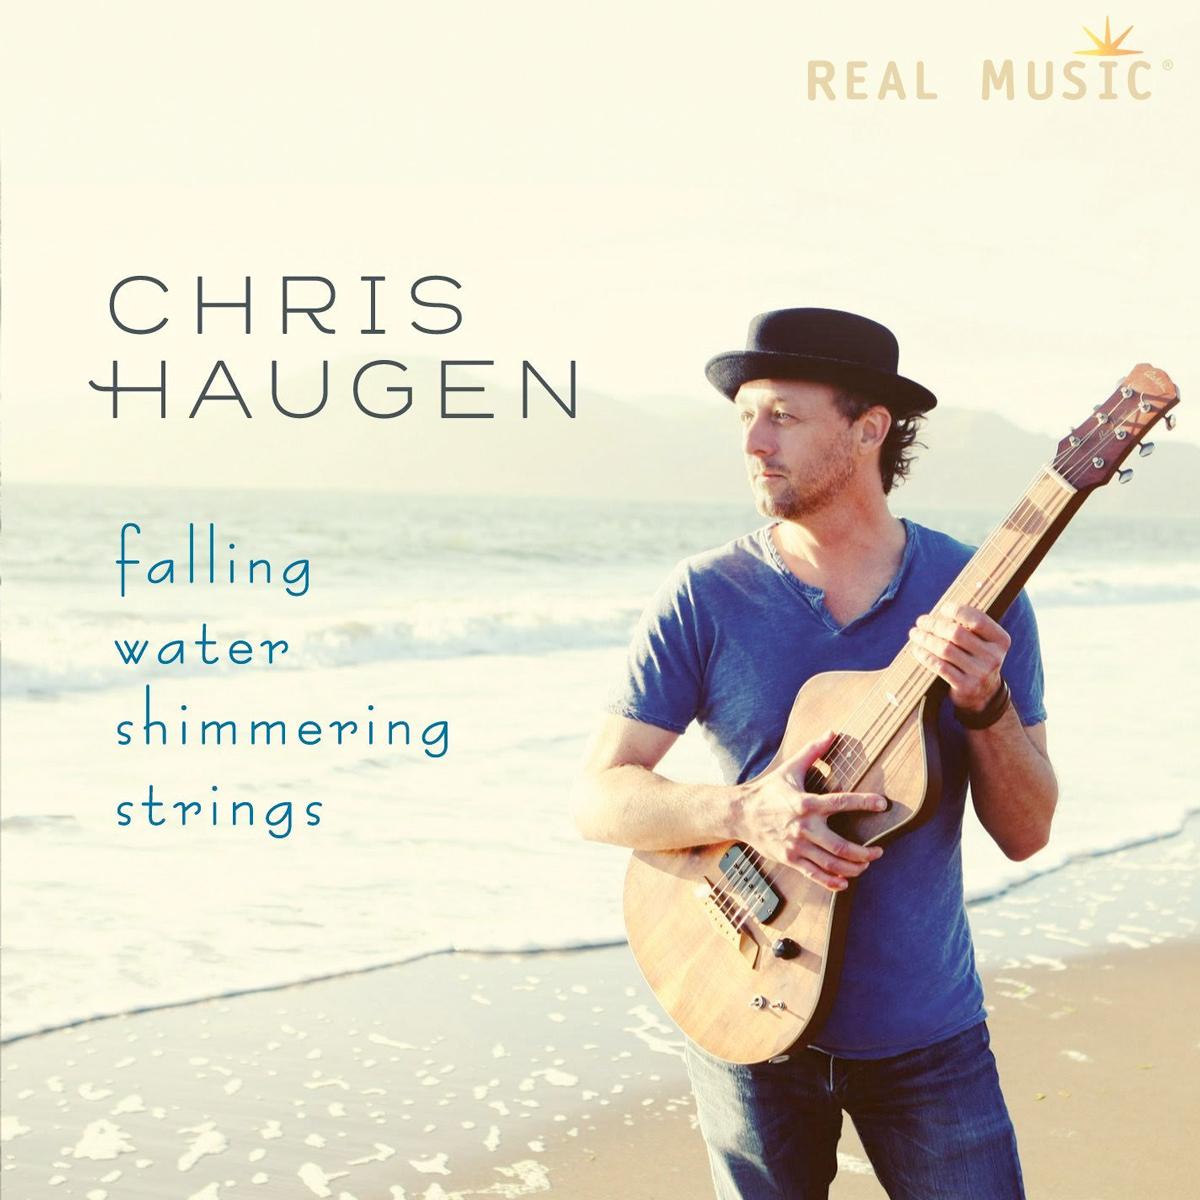 Chris Haugen